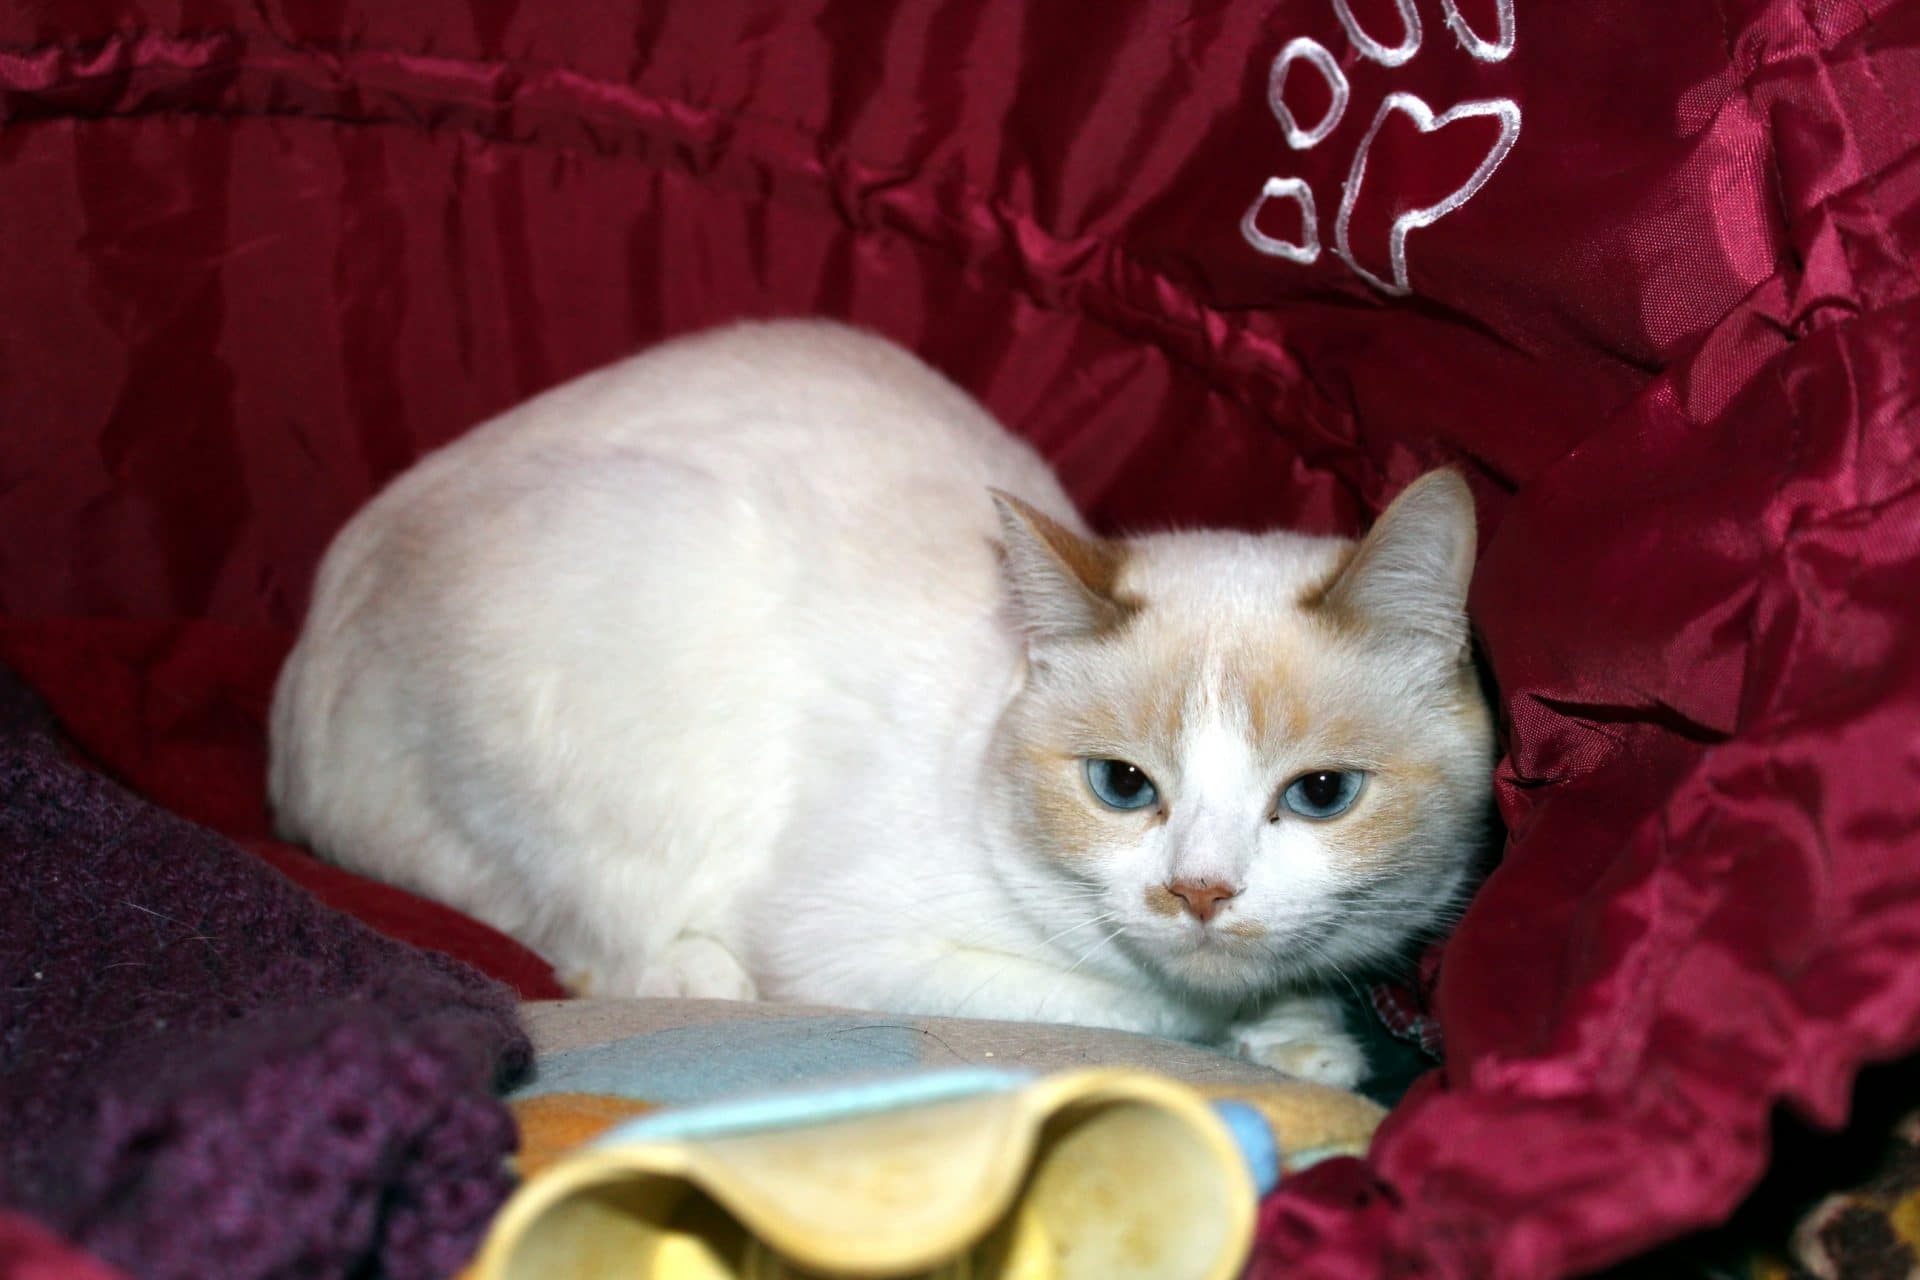 conseils pour d m nager avec un chat sylvie chaiffre animalcom 39 sylvie chaiffre animalcom 39. Black Bedroom Furniture Sets. Home Design Ideas